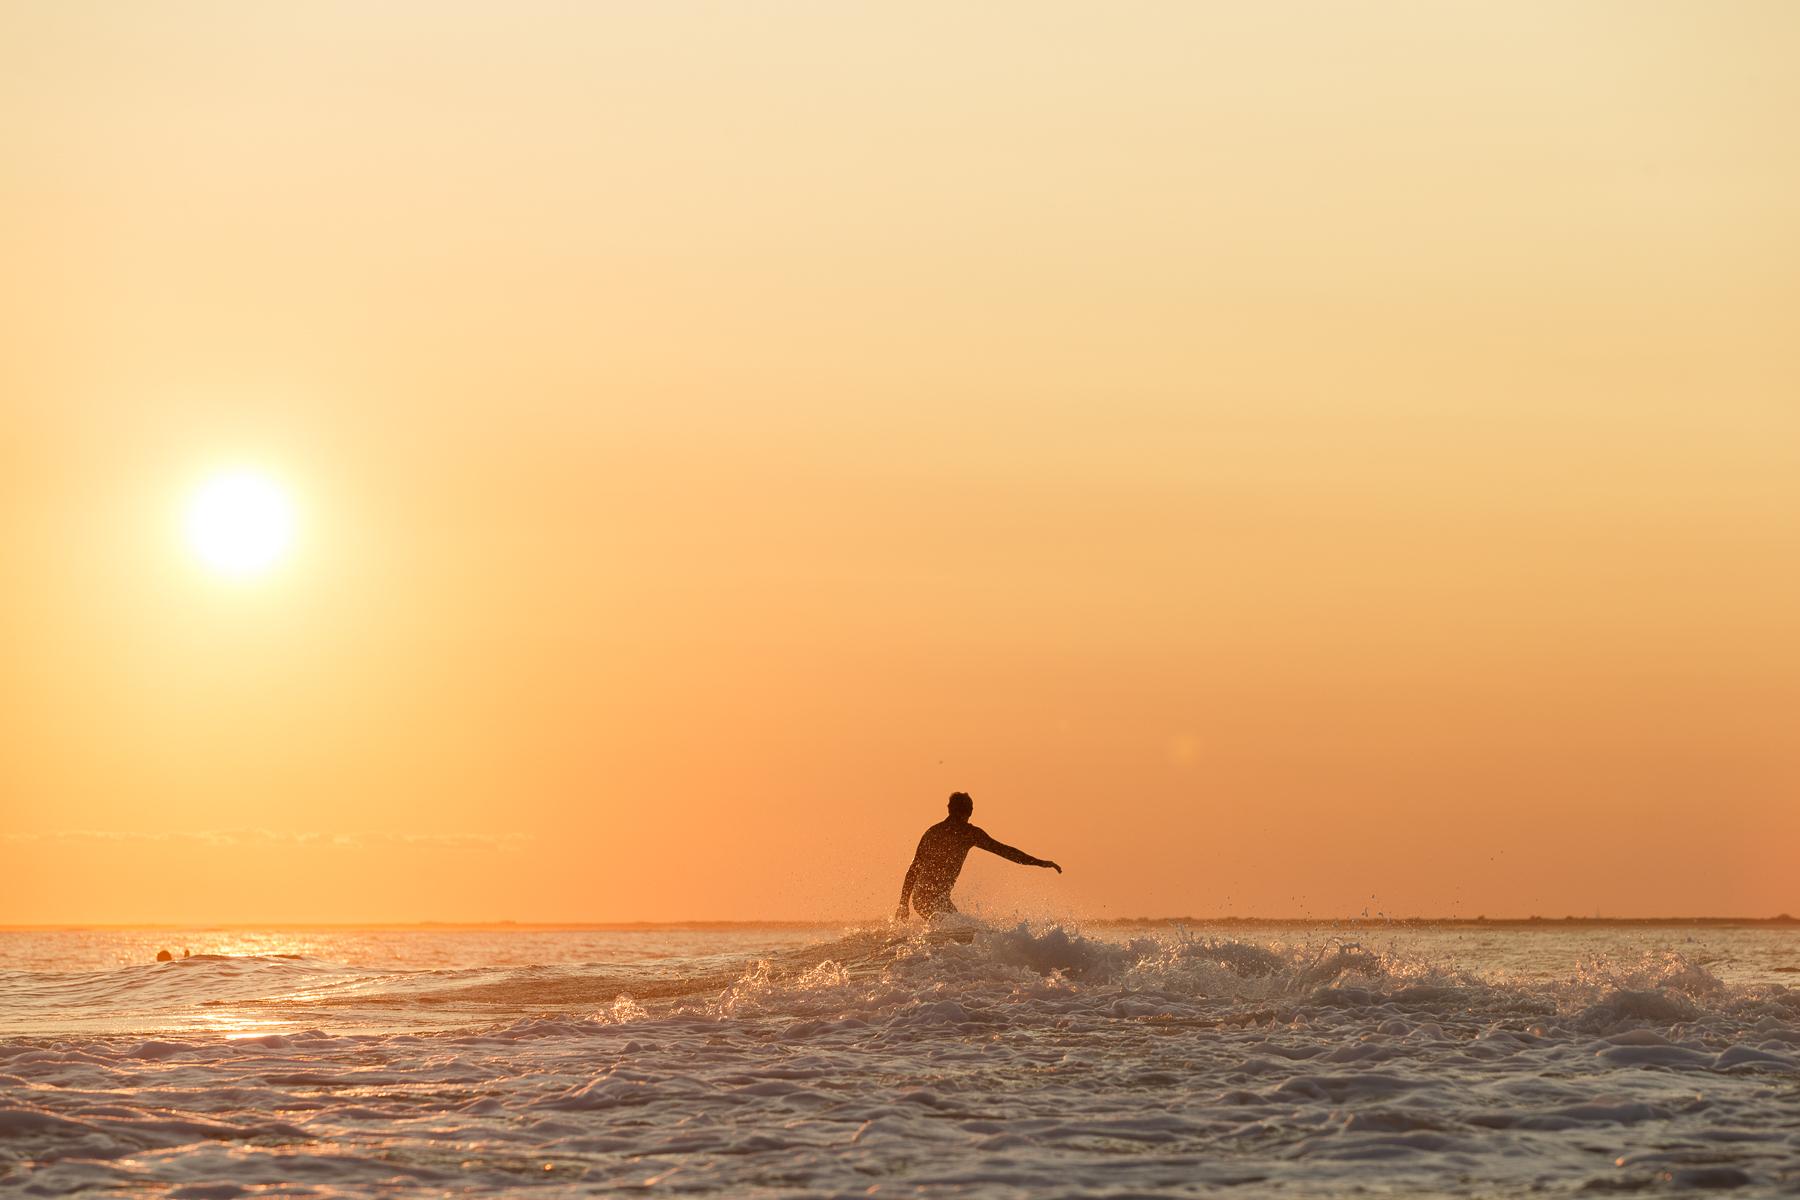 Surfing _ Jonathan Heisler _  9102017 _087.jpg